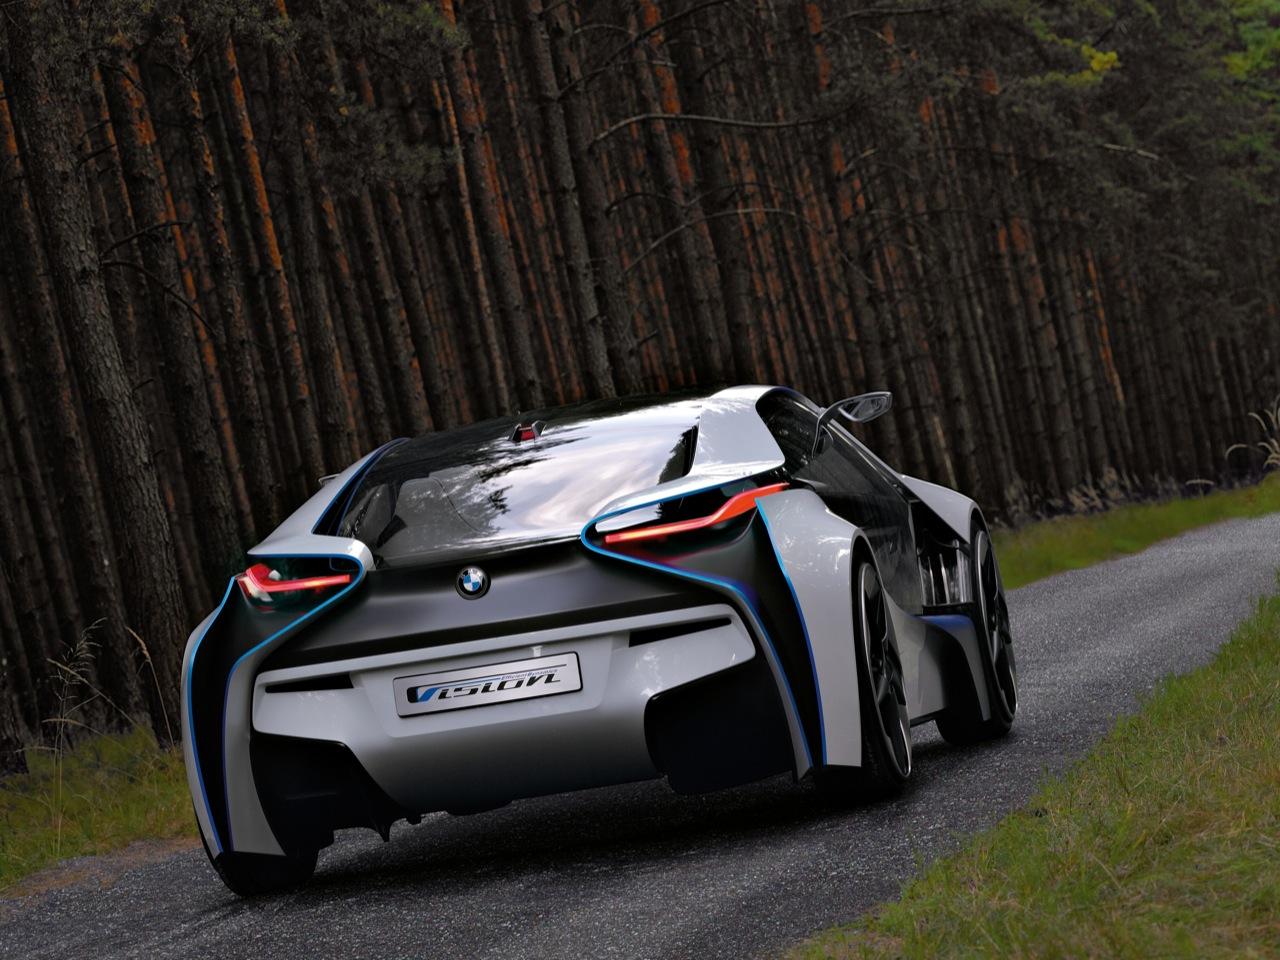 صور سيارات روعــــــــــــــــــــــــــــــه Bmw-vision-efficientdynamics-hybrid-concept-car-13